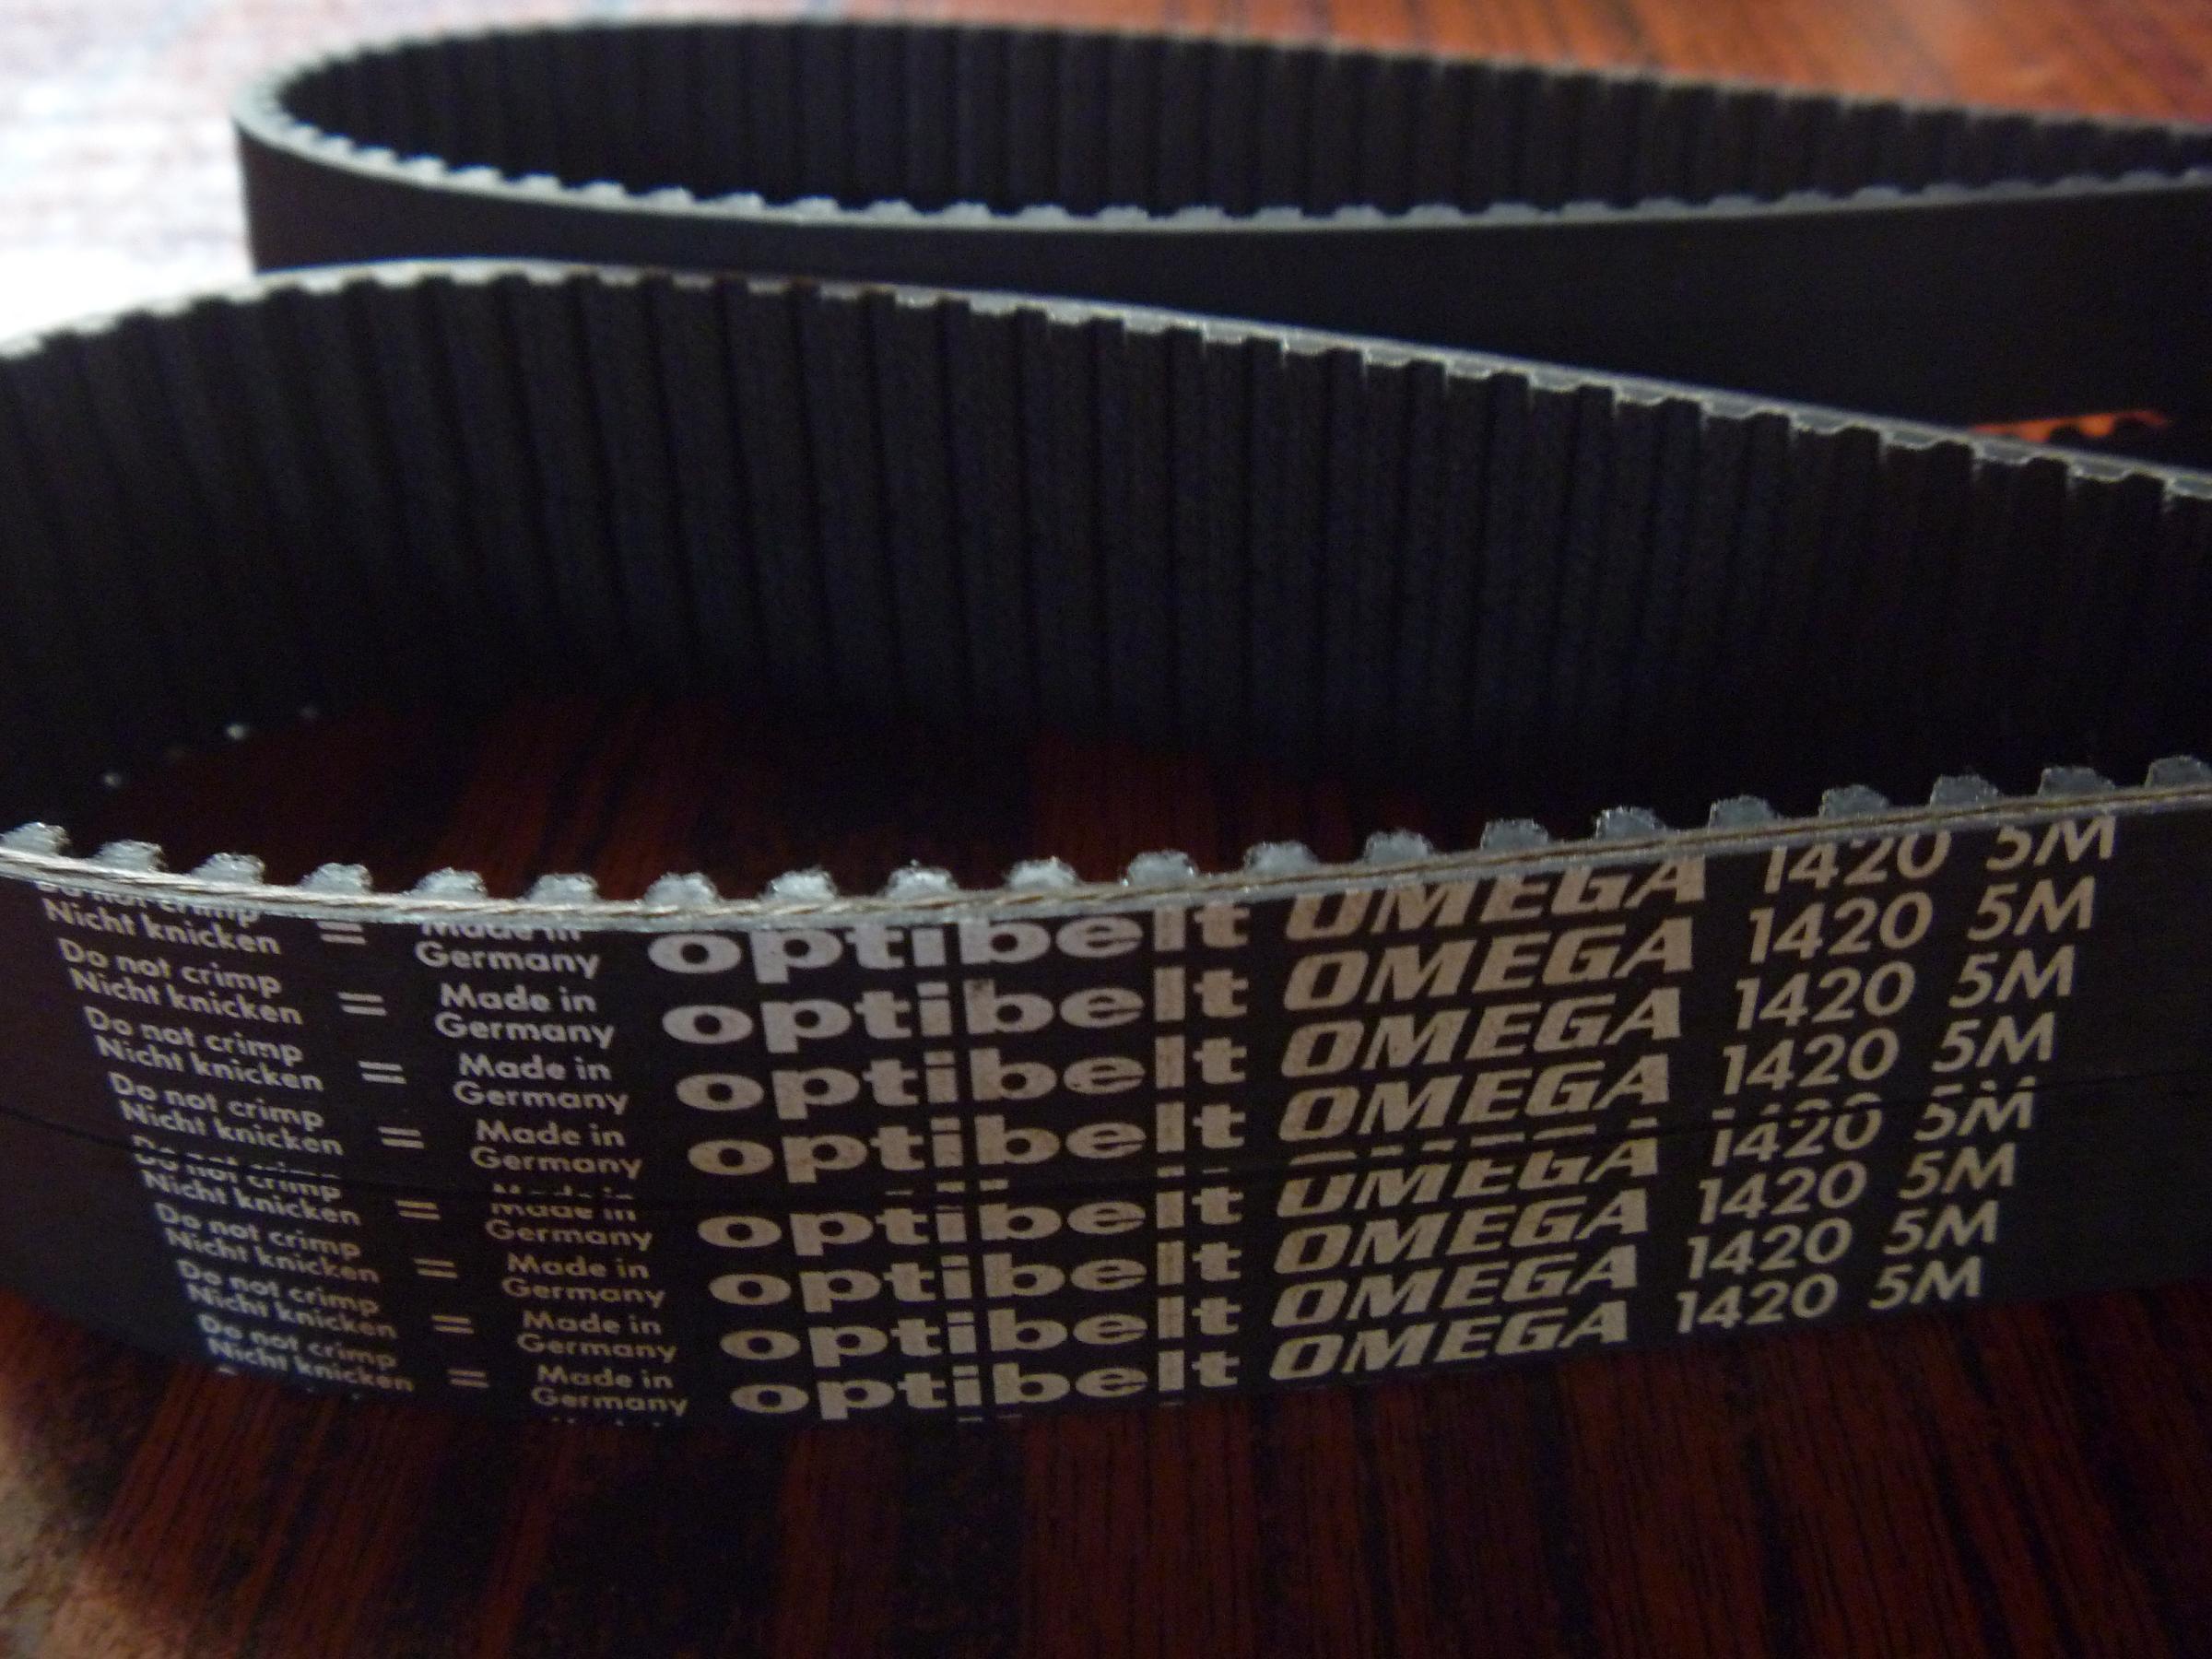 同步带,德国欧比特optibelt同步带5M-1420  每10毫米的价格